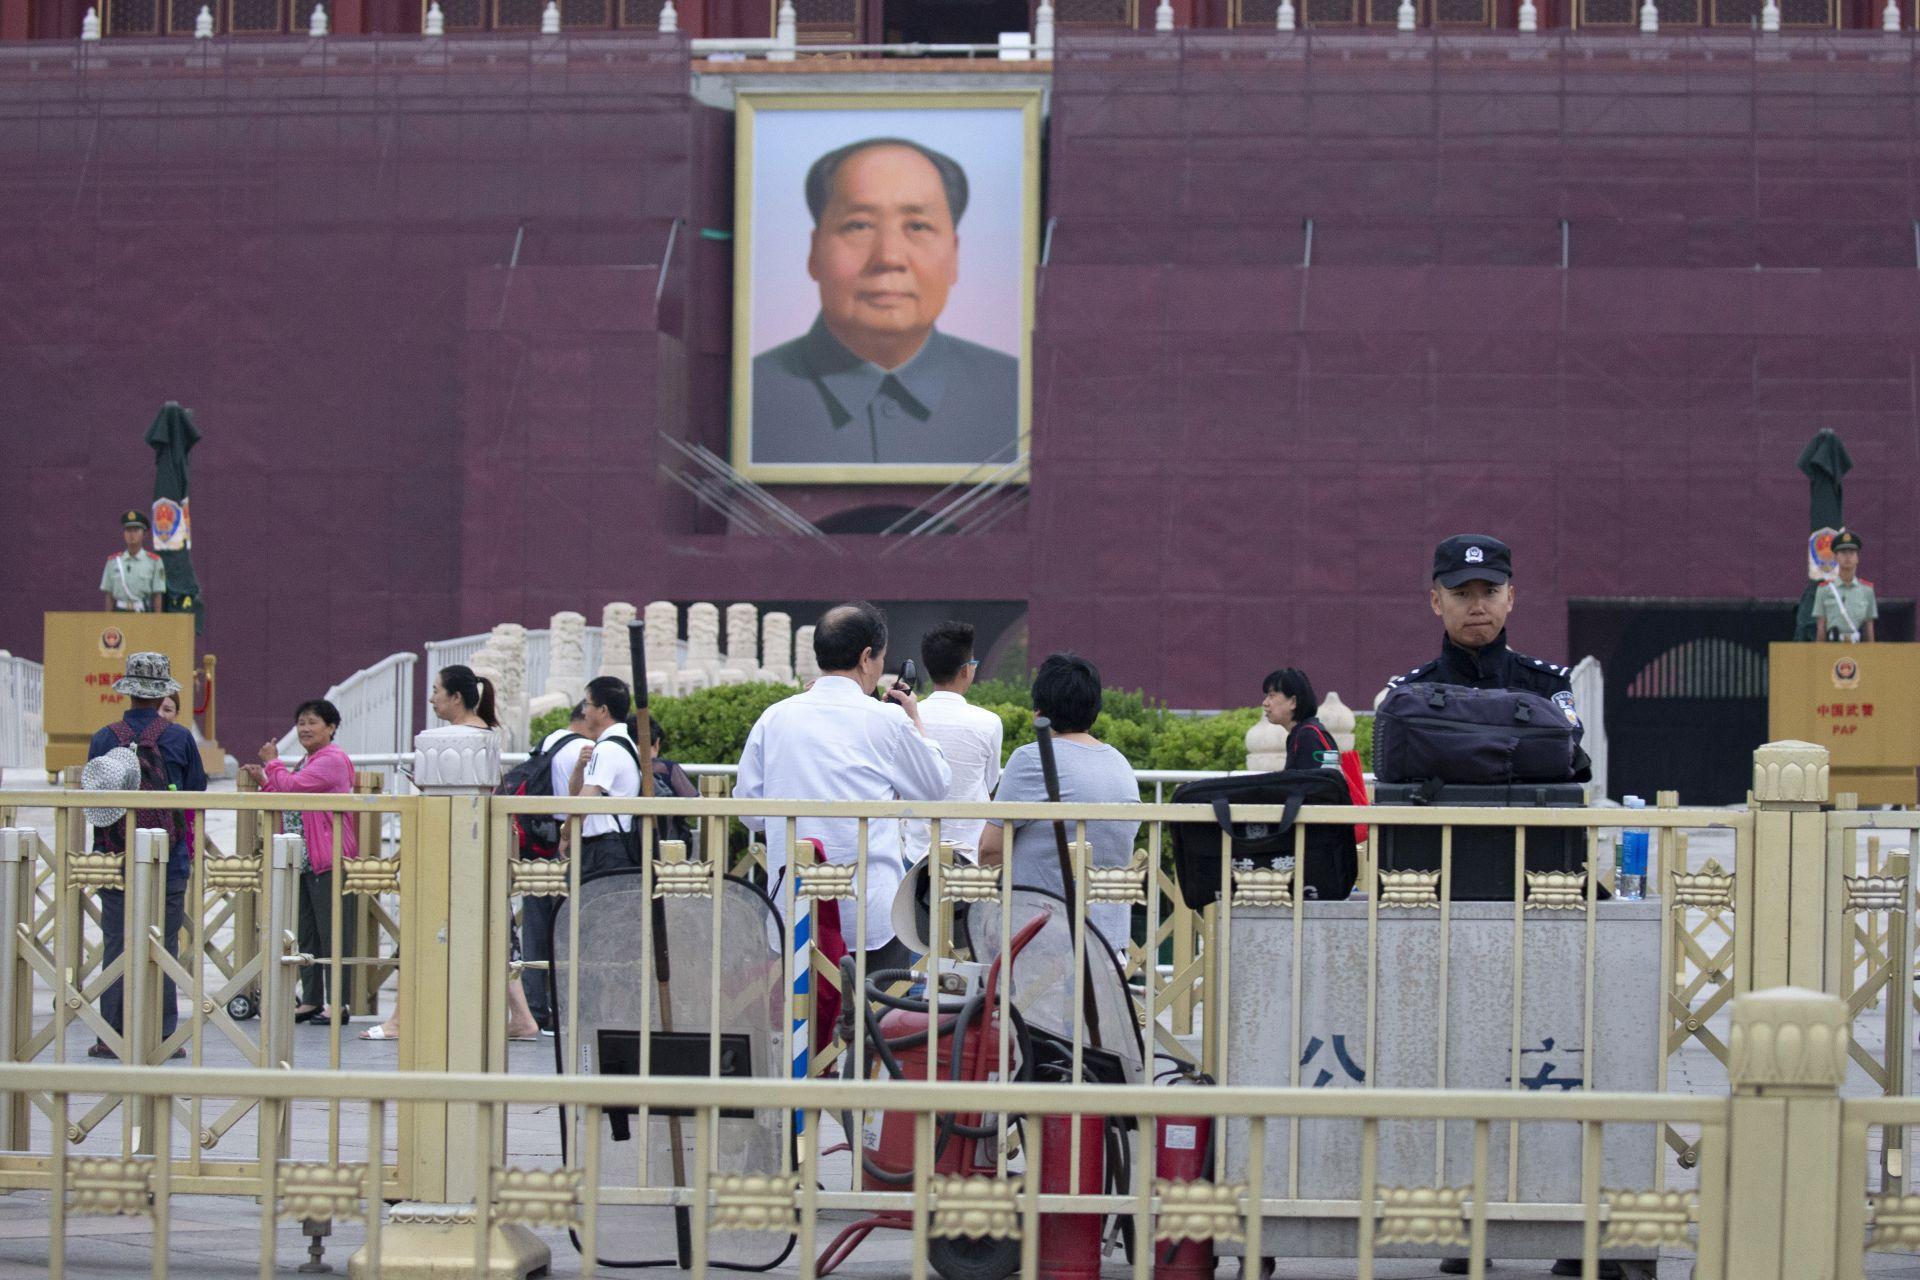 Хиляди посетители, повечето туристически групи, се редяха на опашка на пропускателните пунктове, за да влязат на площада